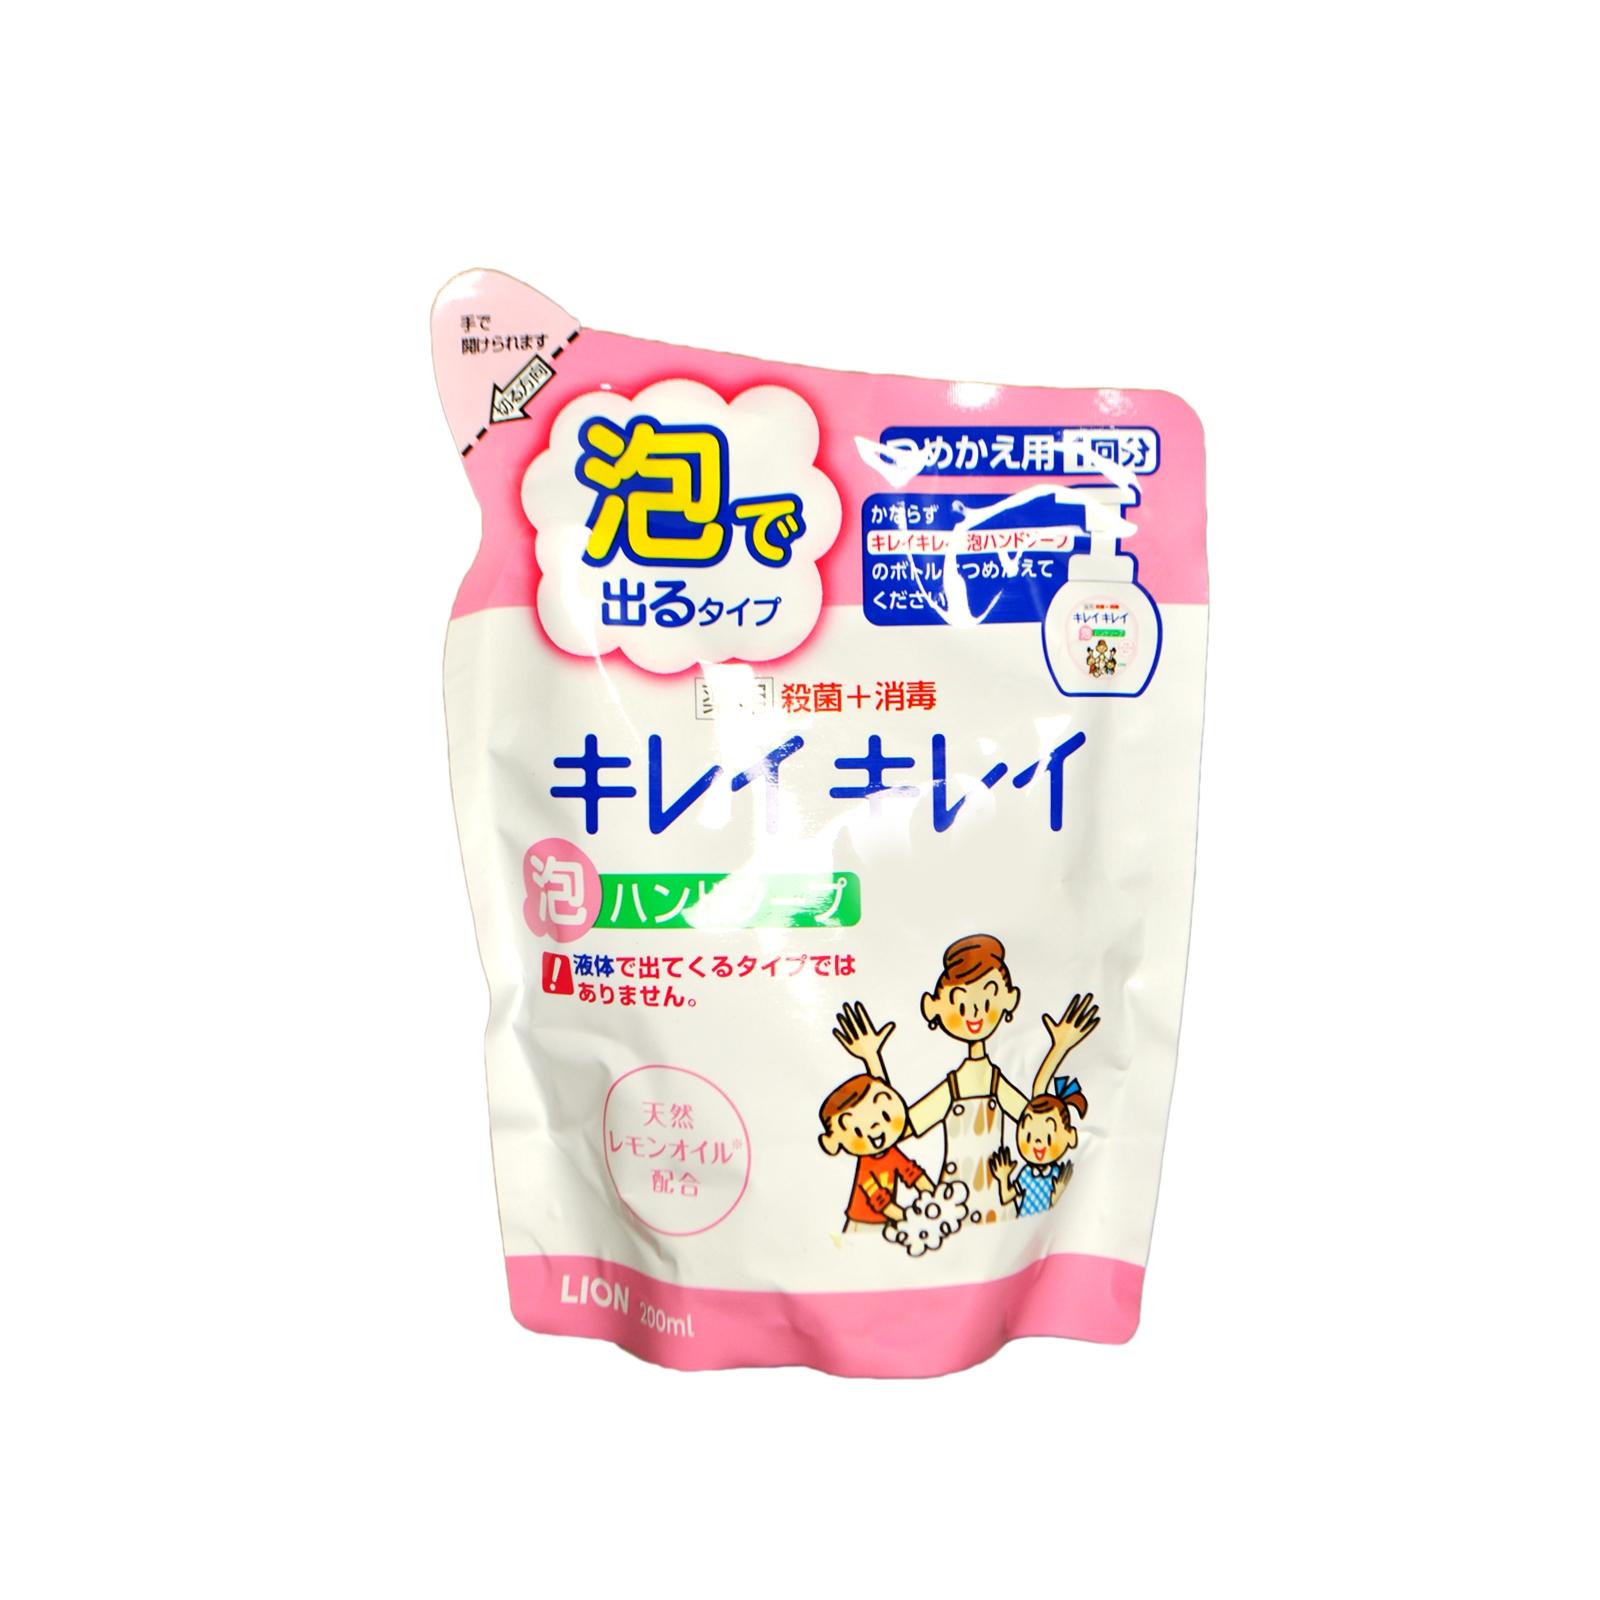 Жидкое мыло для рук Lion KireiKirei с ароматом цитрусовых (запасная упаковка) 200 мл<br>